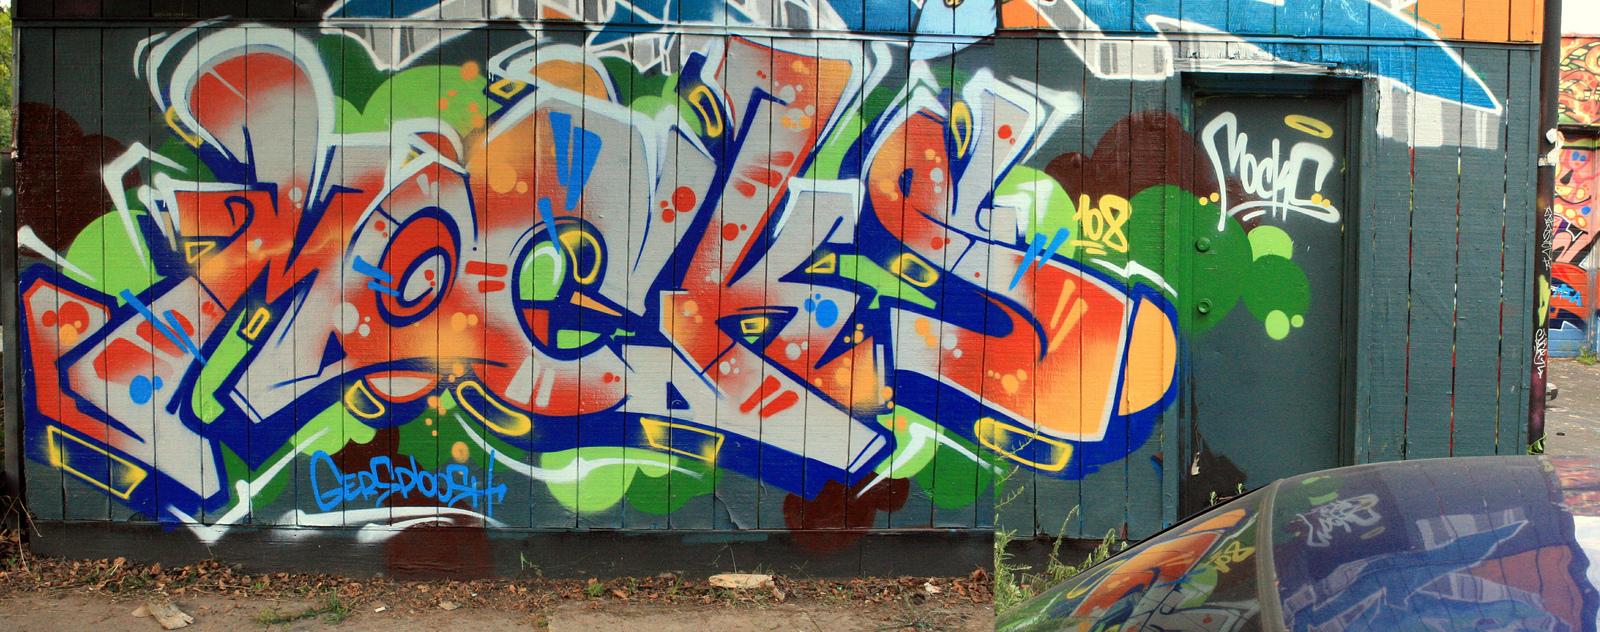 afarm8.staticflickr.com_7263_7866581162_9c591d95e5_h.jpg